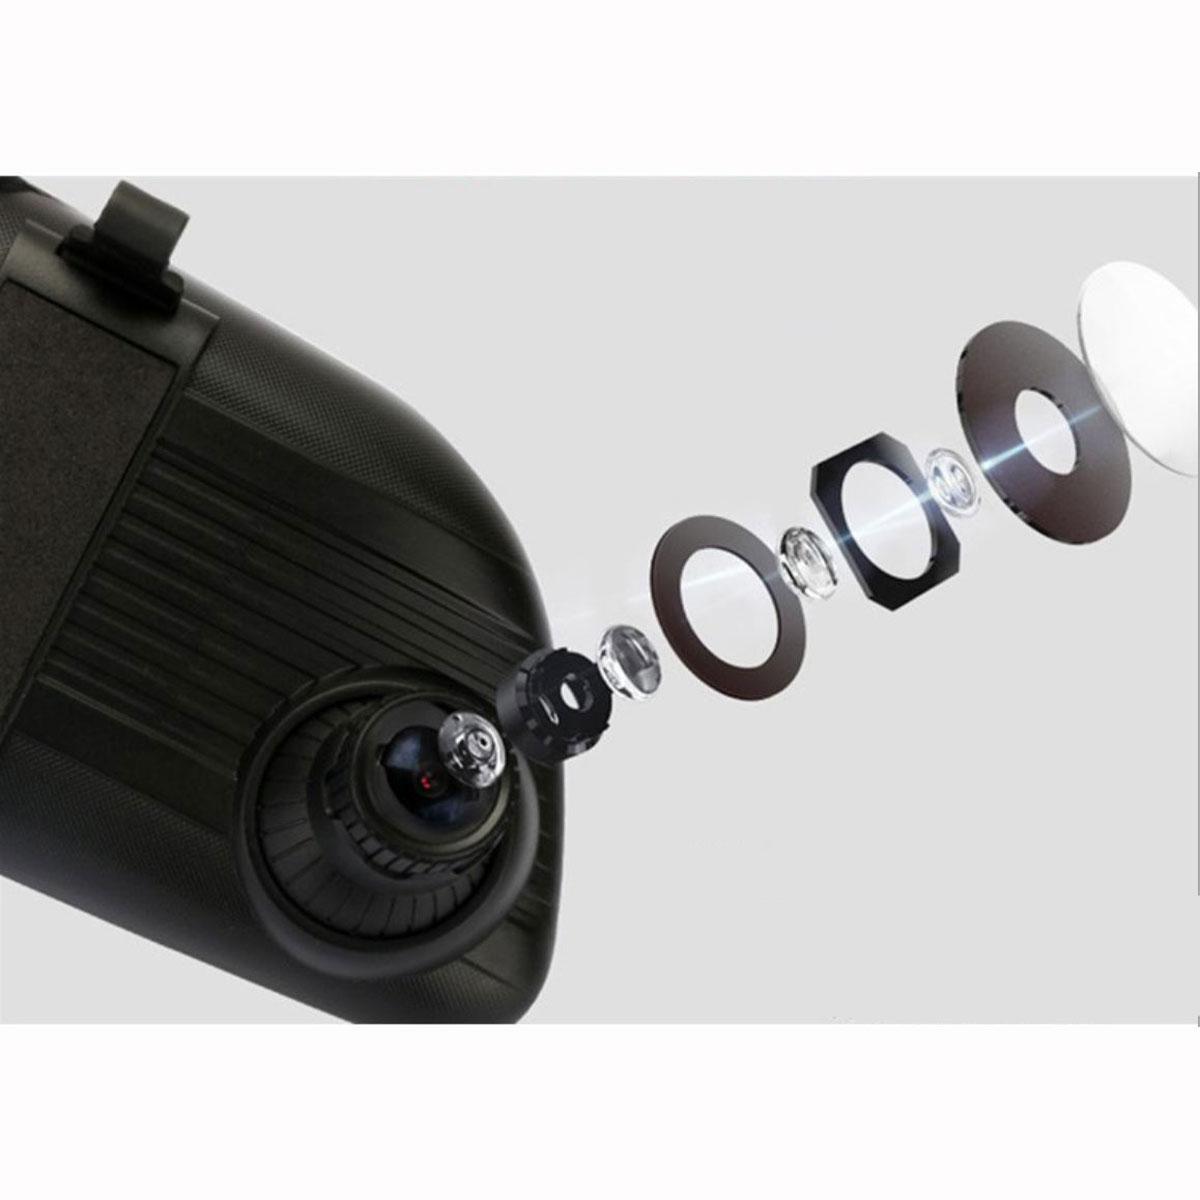 Camera Hành Trình Kết Hợp Gương Chiếu Hậu Màn Hình Hiển Thị 7 Inch Kèm Camera Lùi